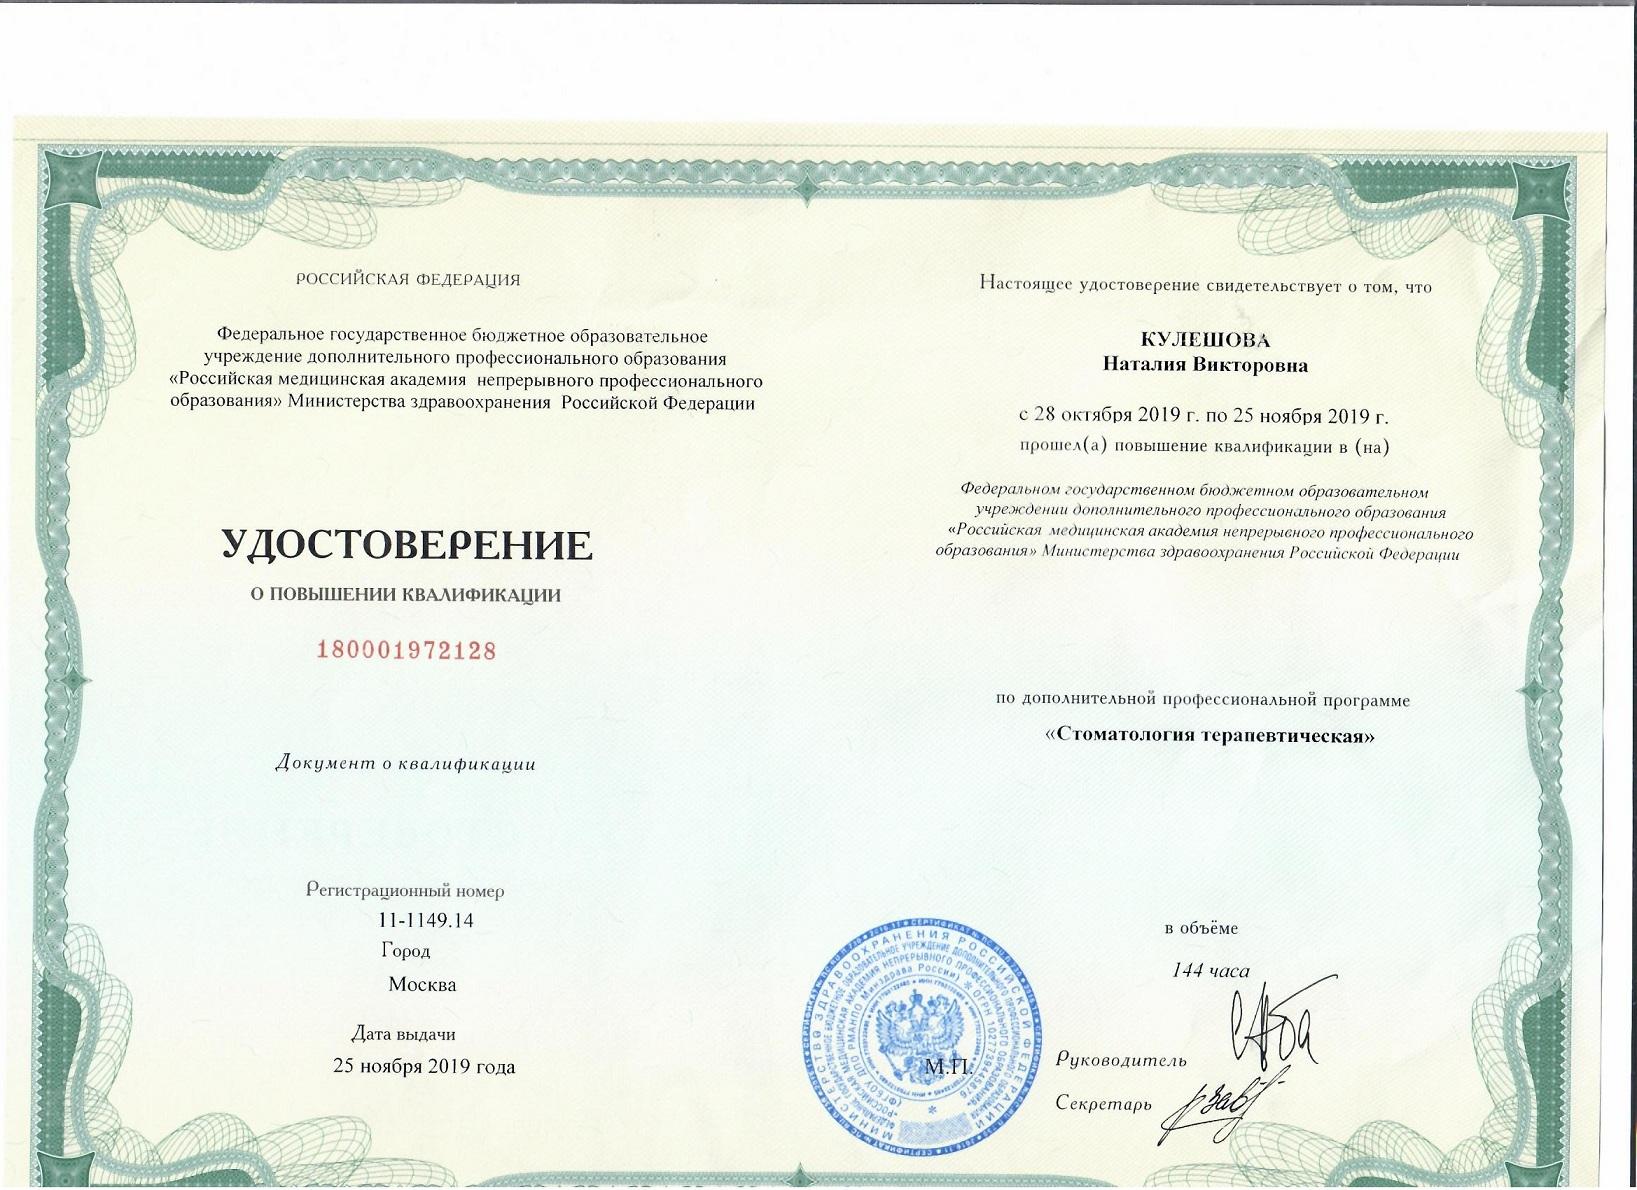 """2019 удостоверение о повышении квалификации """"стоматология терапевтическая"""""""